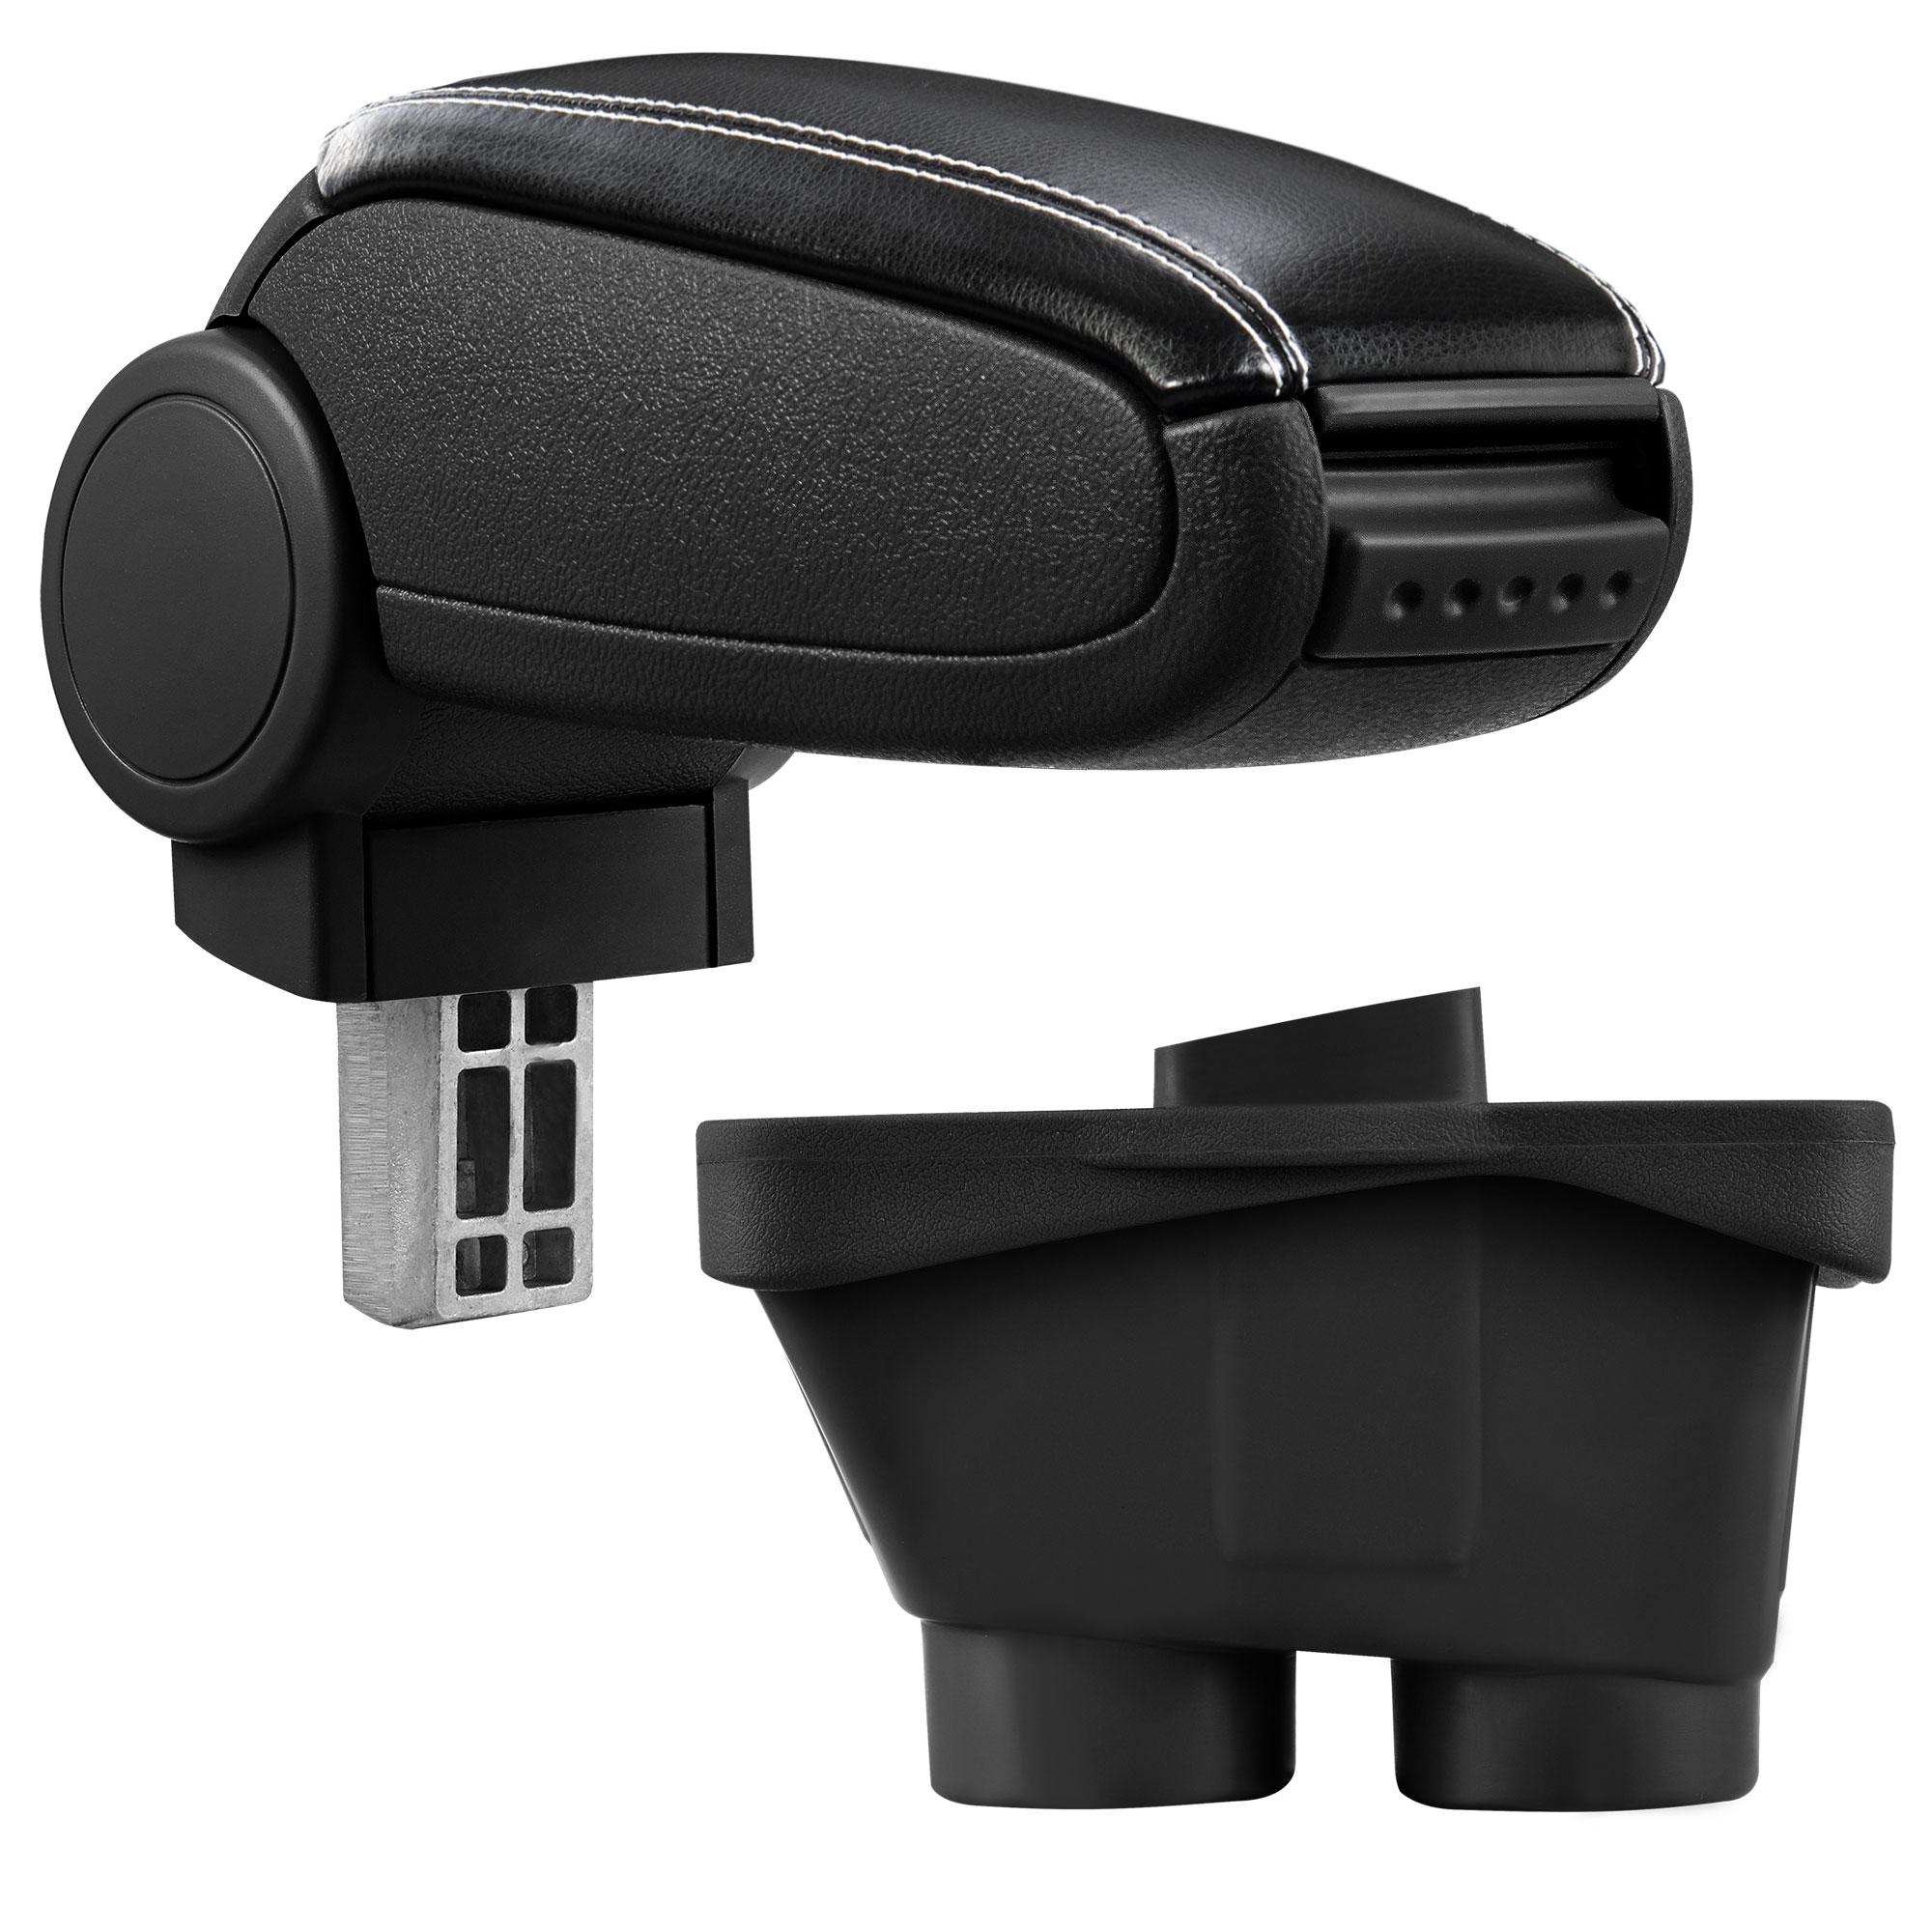 Středová loketní opěrka - vhodná pro: Peugeot 208 (Rok výroby od 2012, 3dv/5dv) - umělá kůže - Černá s bílými švy